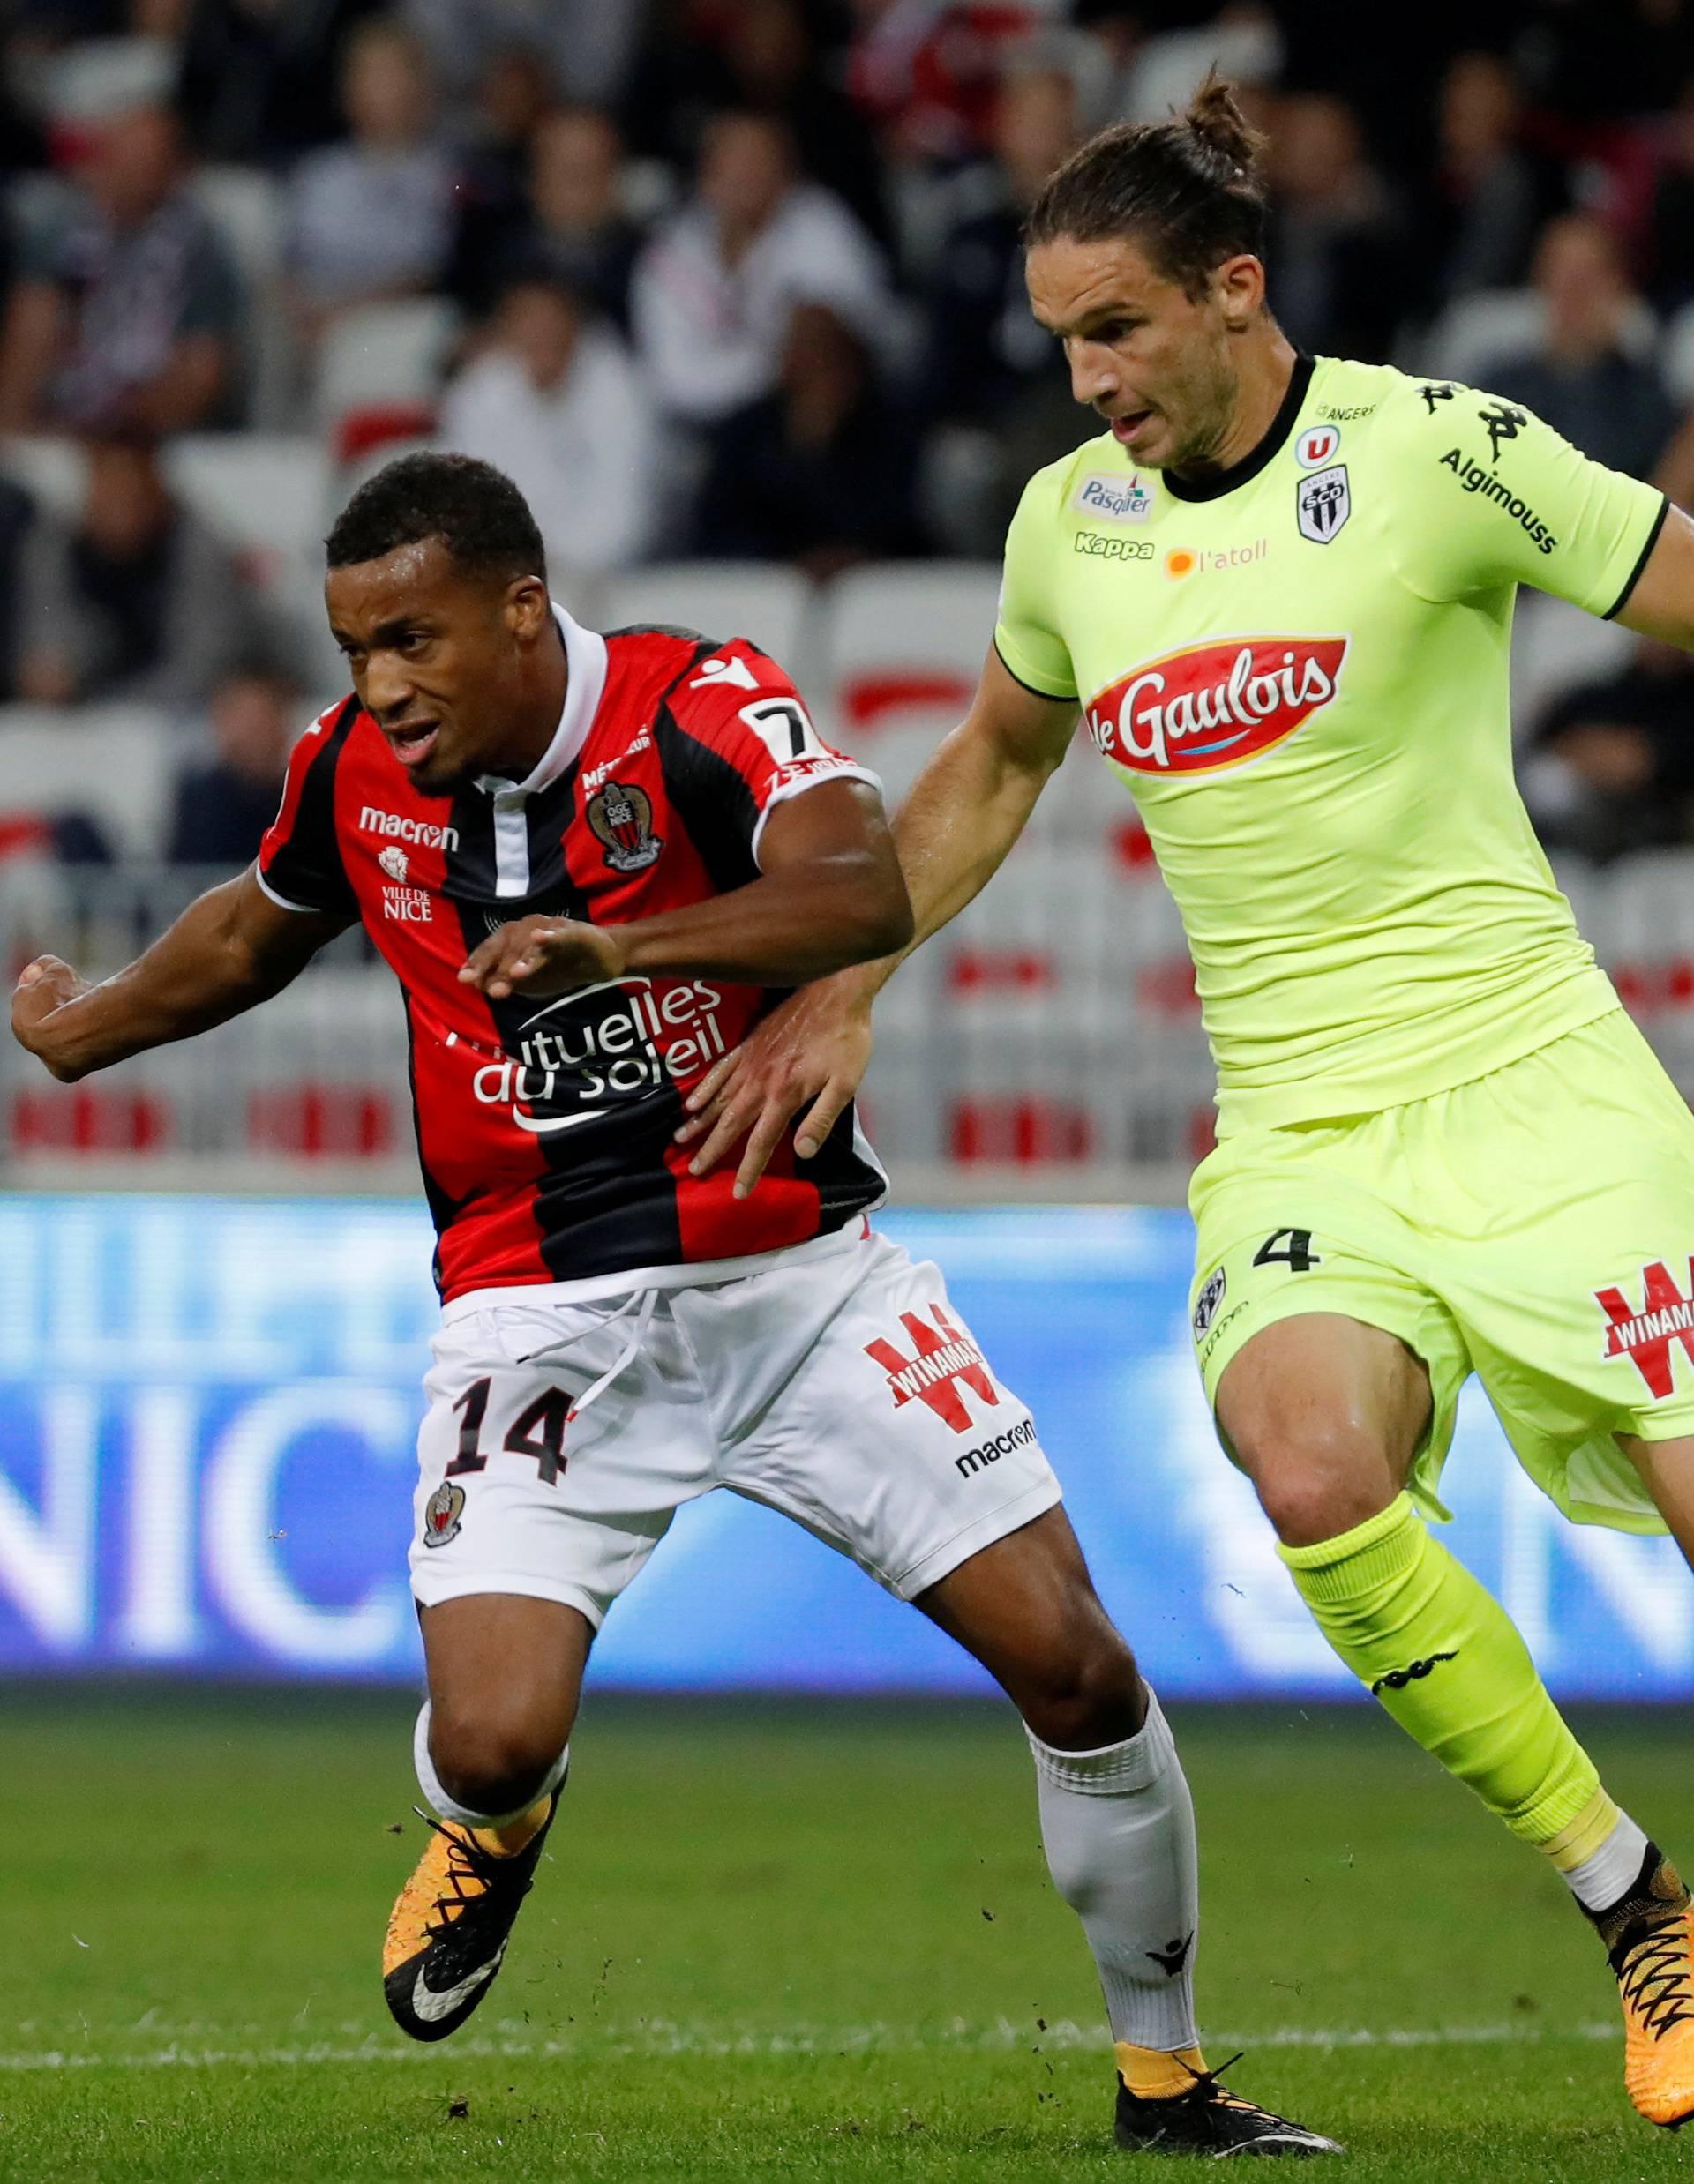 Ligue 1 - OGC Nice vs Angers SCO